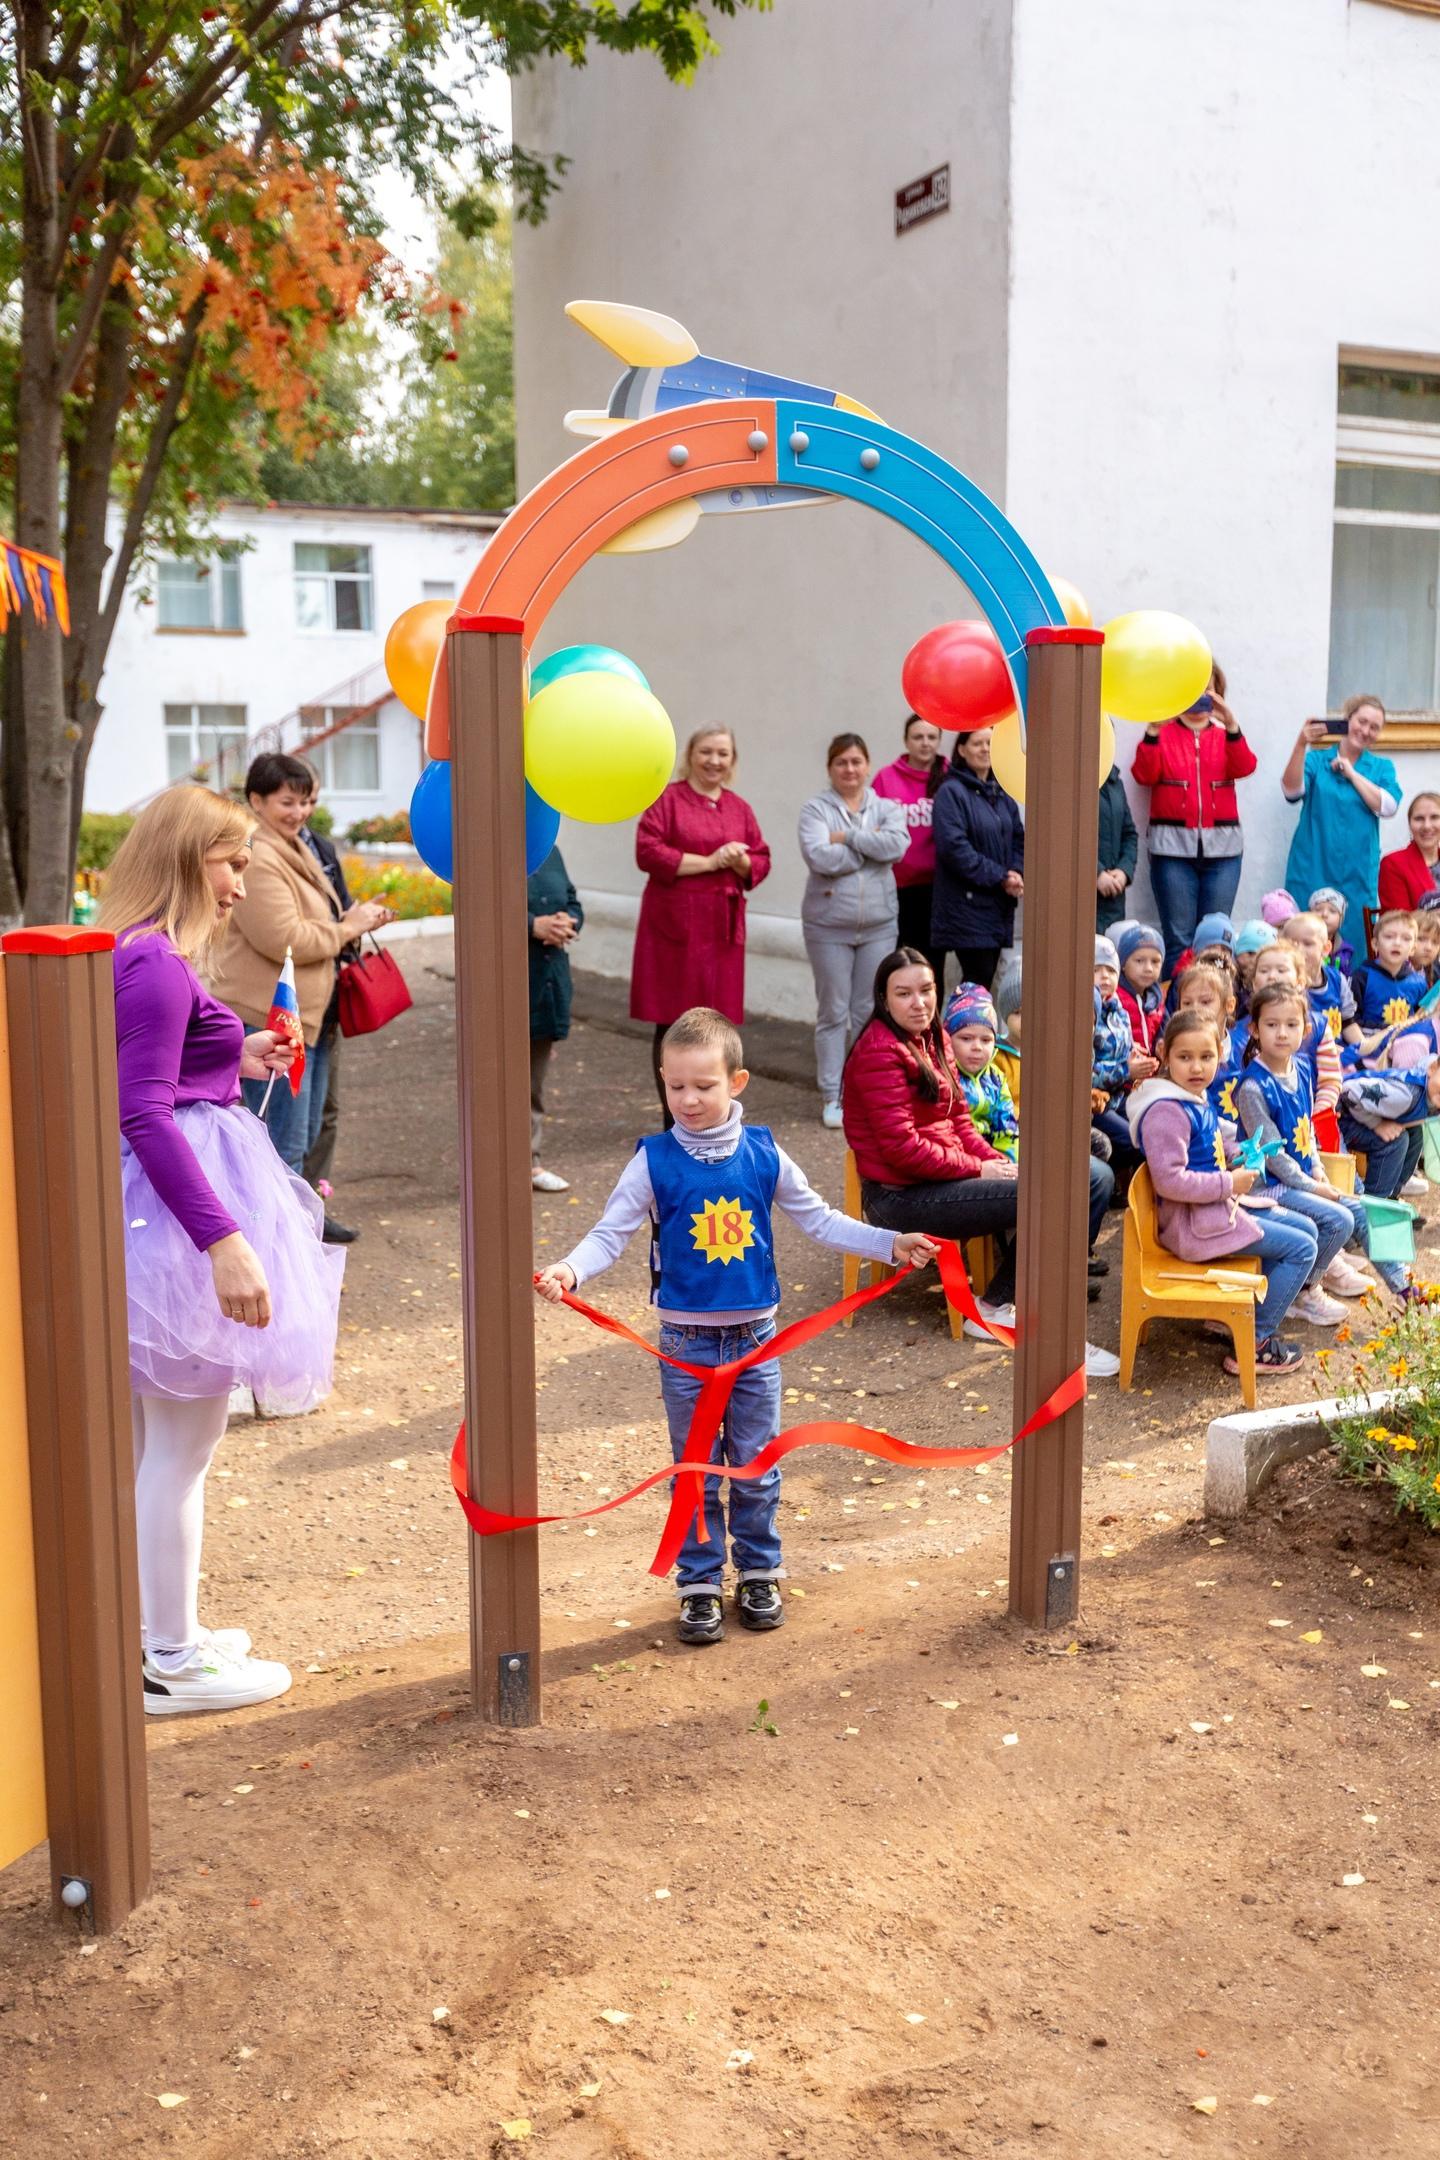 14 сентября в МБДОУ «Детский сад № 18» состоялось торжественное открытие детской спортивной площадки, благодаря участию в республиканской программе «Наша инициатива».